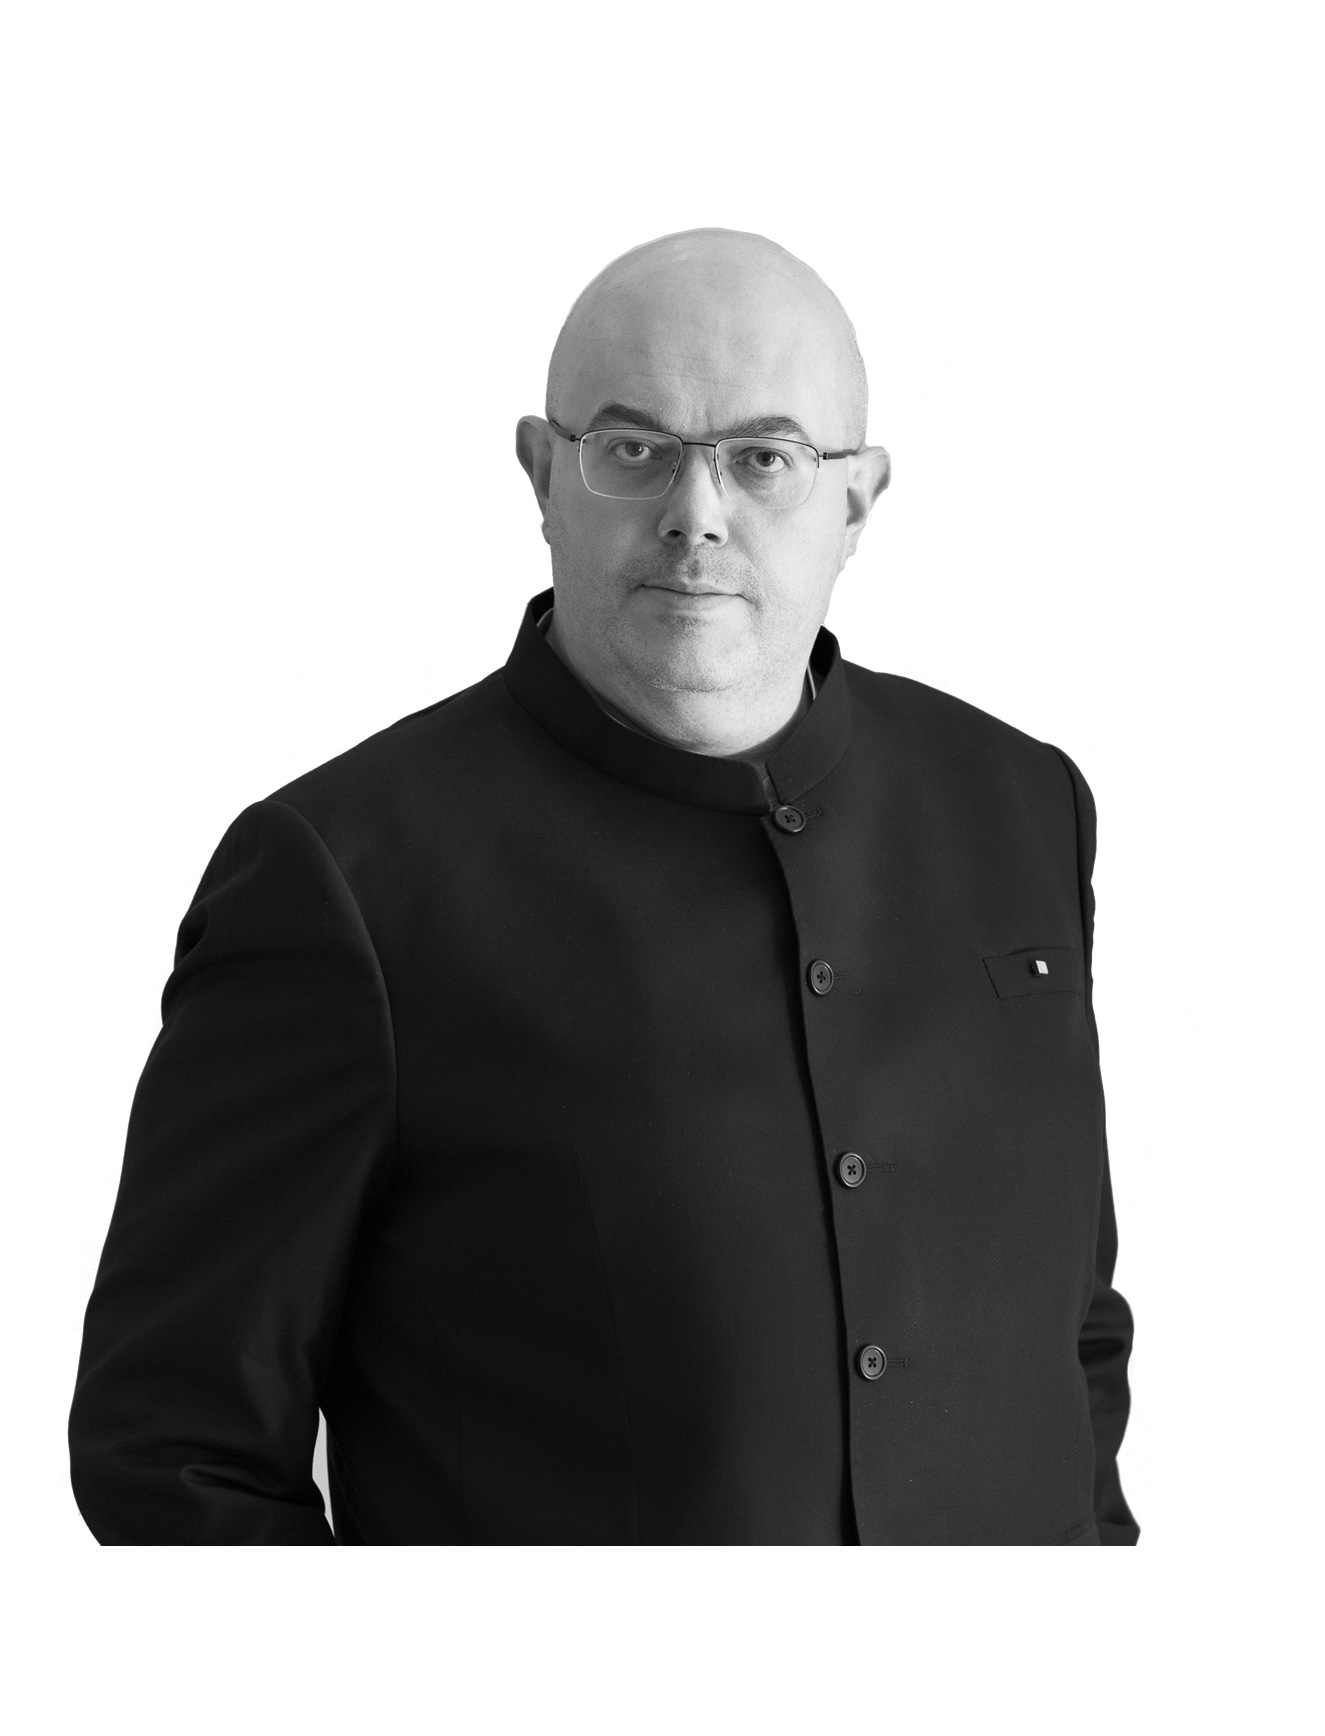 روبرتو غيلاردينو (Roberto Gilardino)